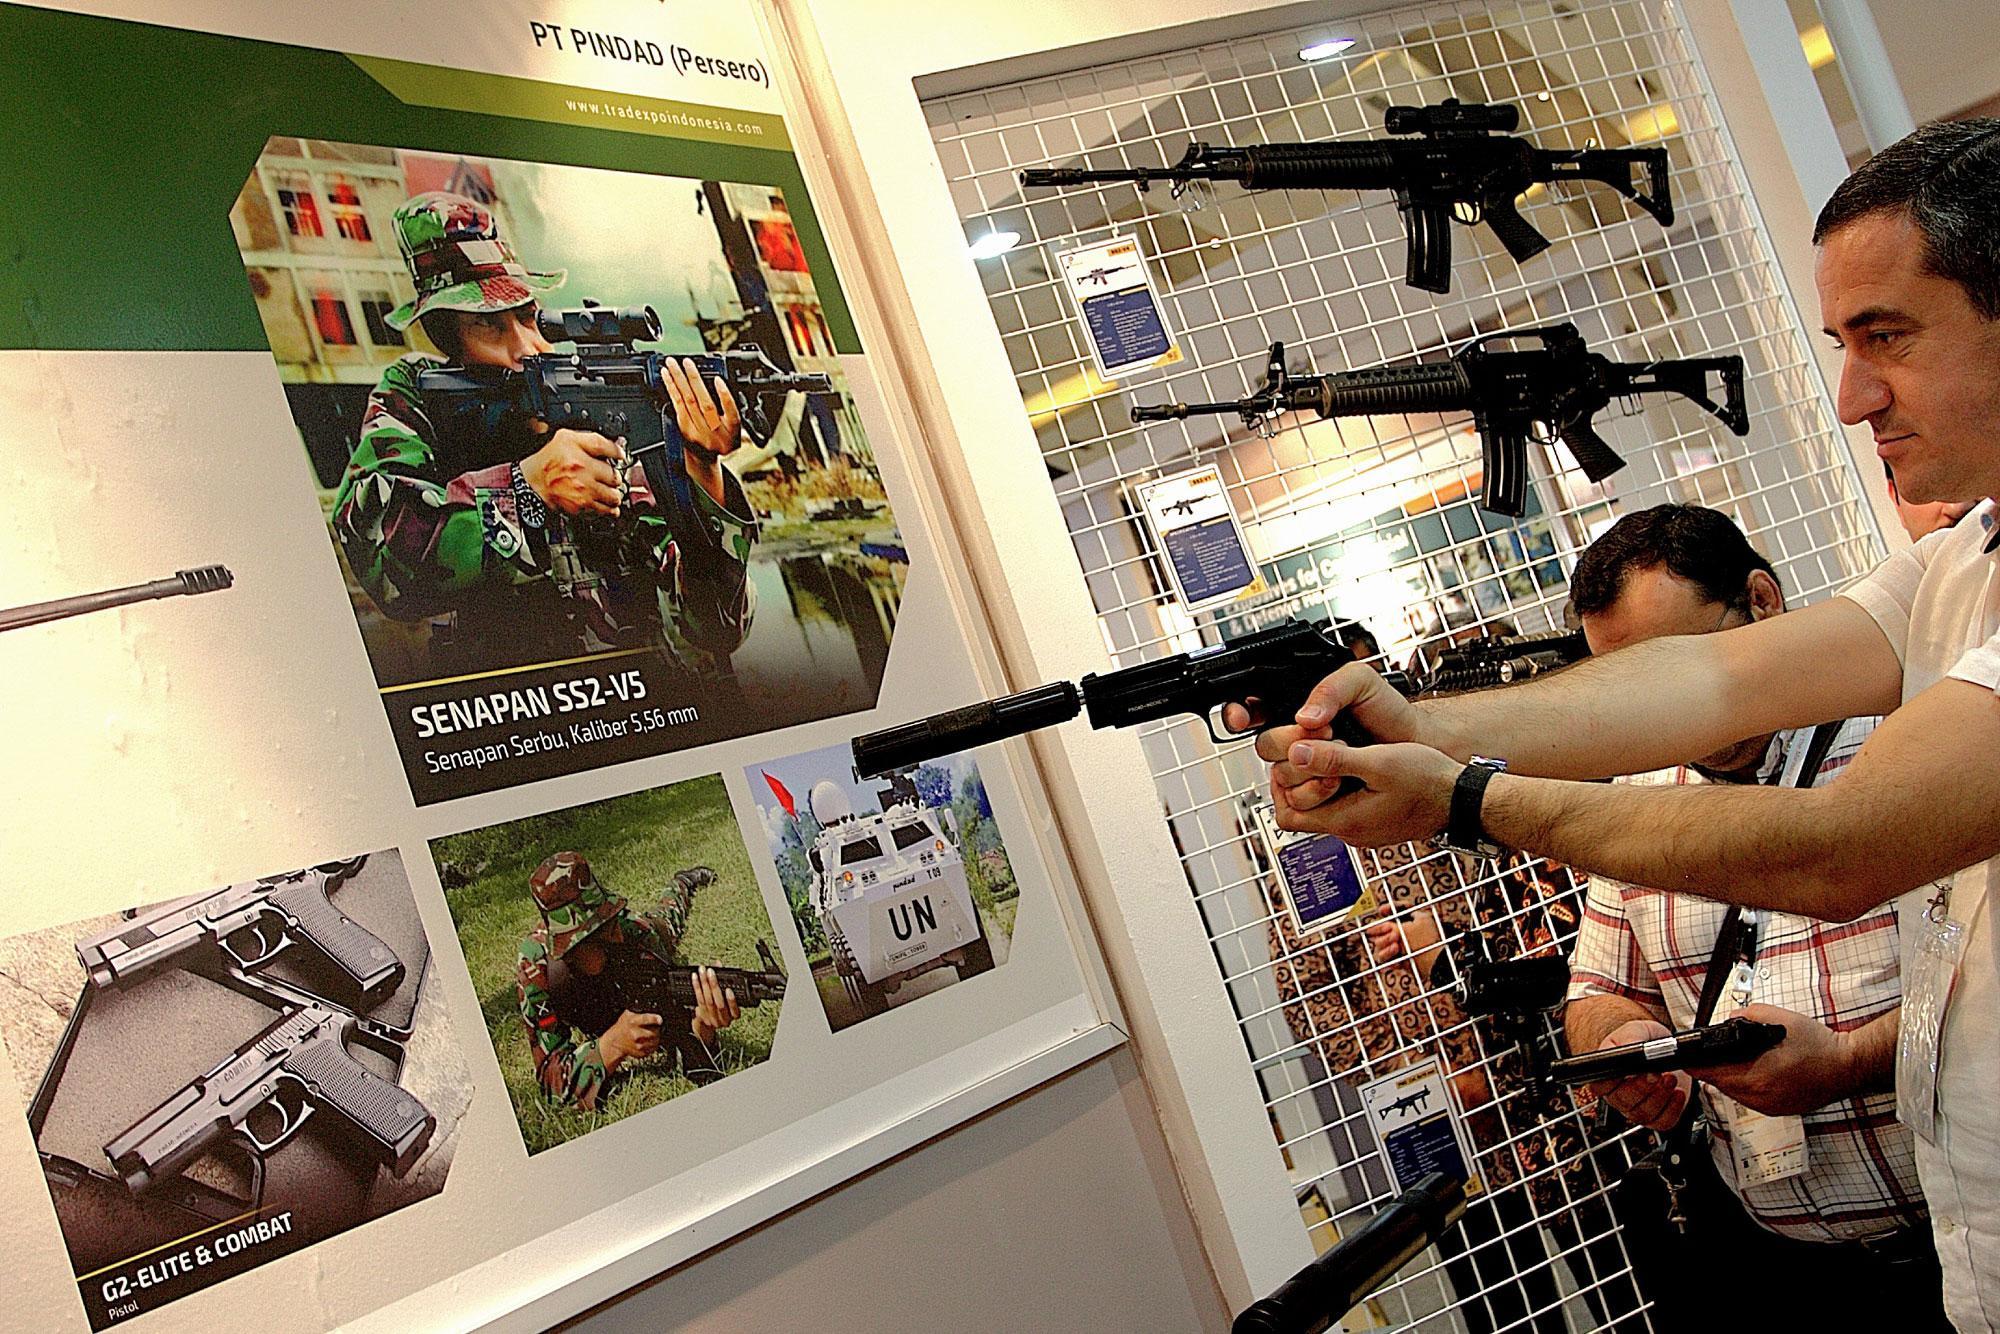 Pengunjung memperhatikan senjata produksi PT PINDAD di Trade Expo Indonesia ke-30 Tahun 2015 di Arena Pekan Raya Jakarta, Kemayoran, Jakarta, Rabu (21/10). Pameran tahunan yang menampilkan berbagai produk Indonesia berkualitas ekspor itu digelar hingga 25